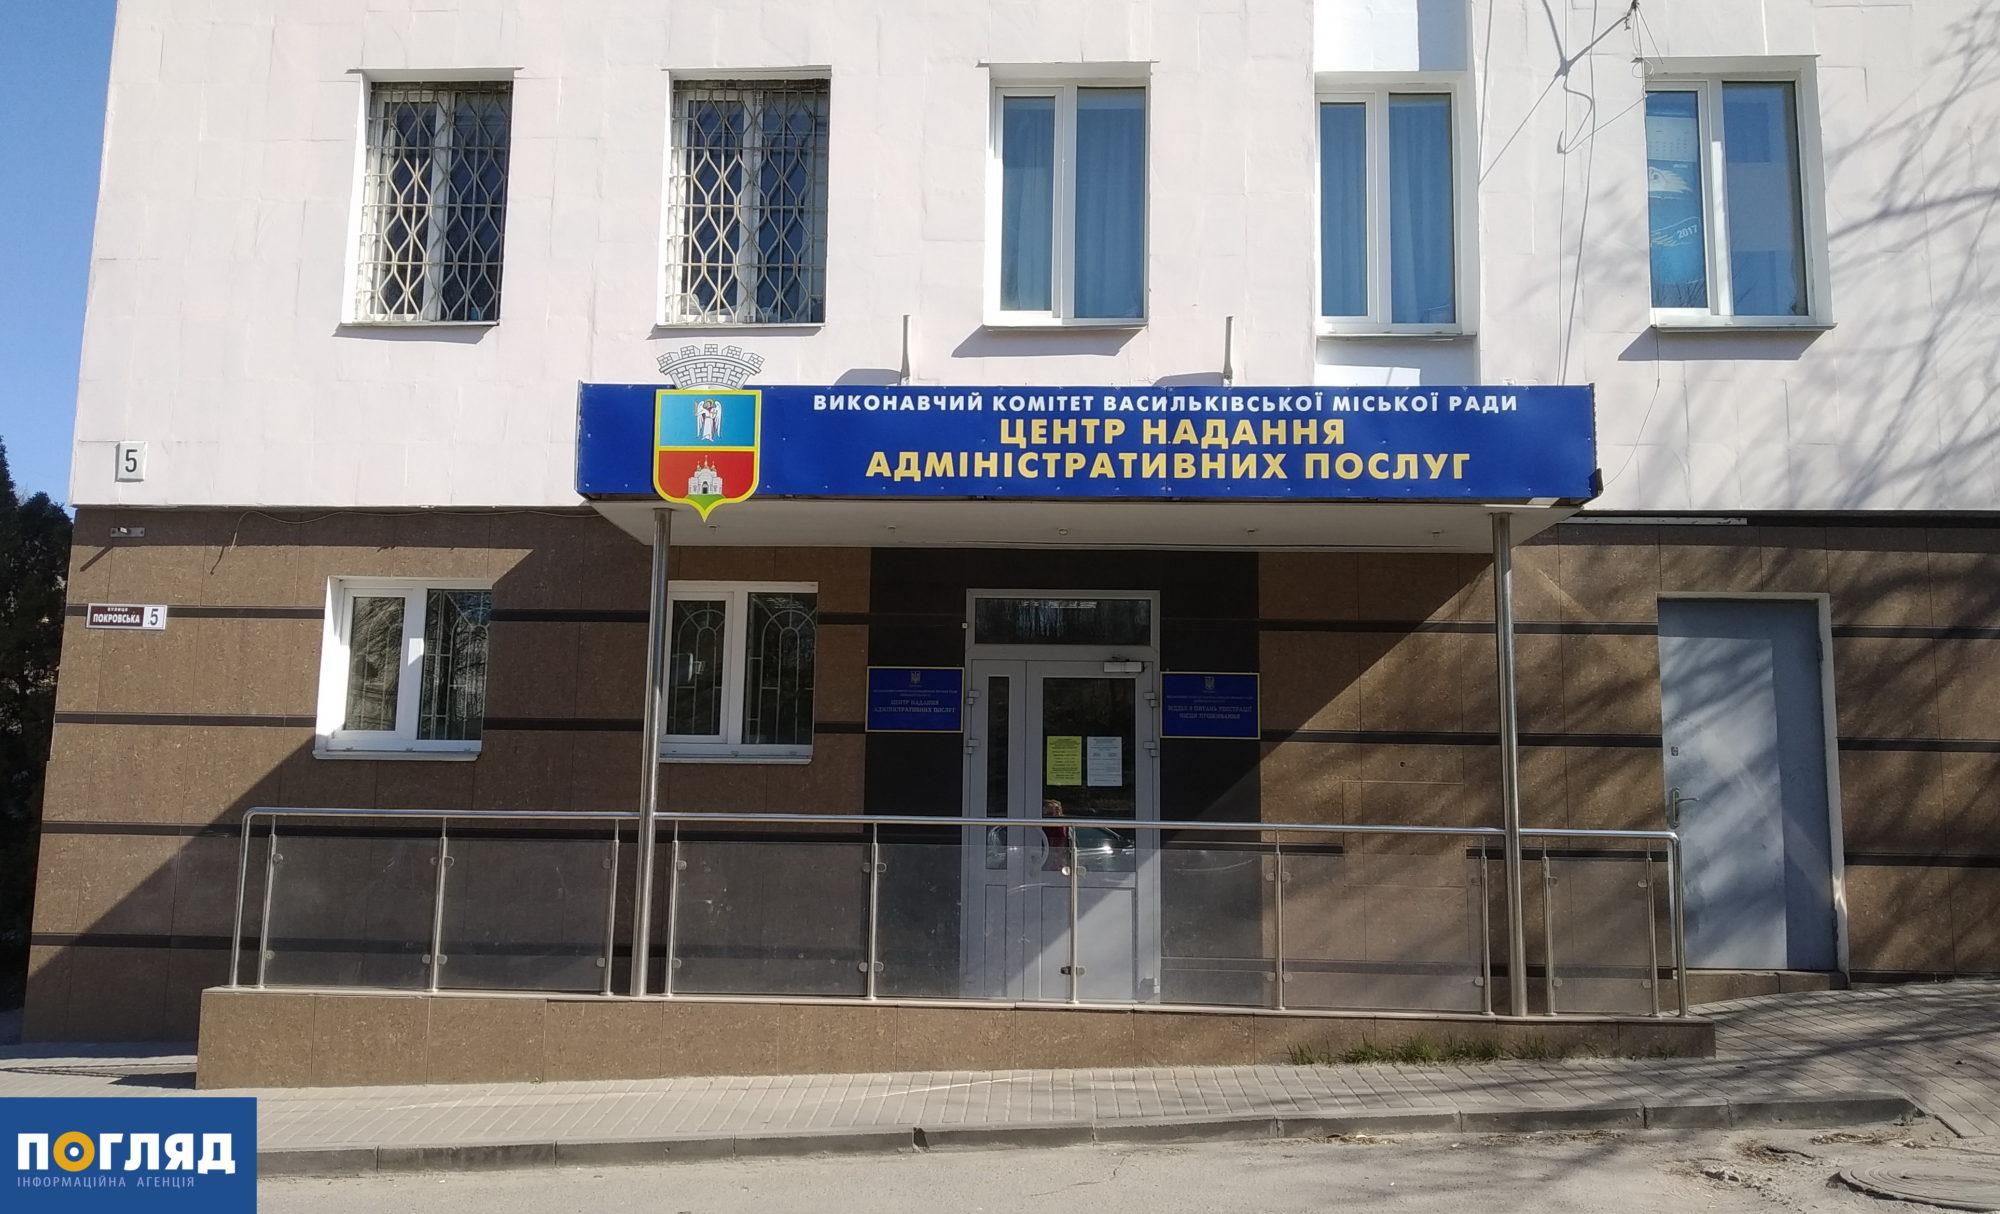 У Василькові призупинено прийом громадян у держустановах - карантин - IMG 20190403 111306 2000x1214